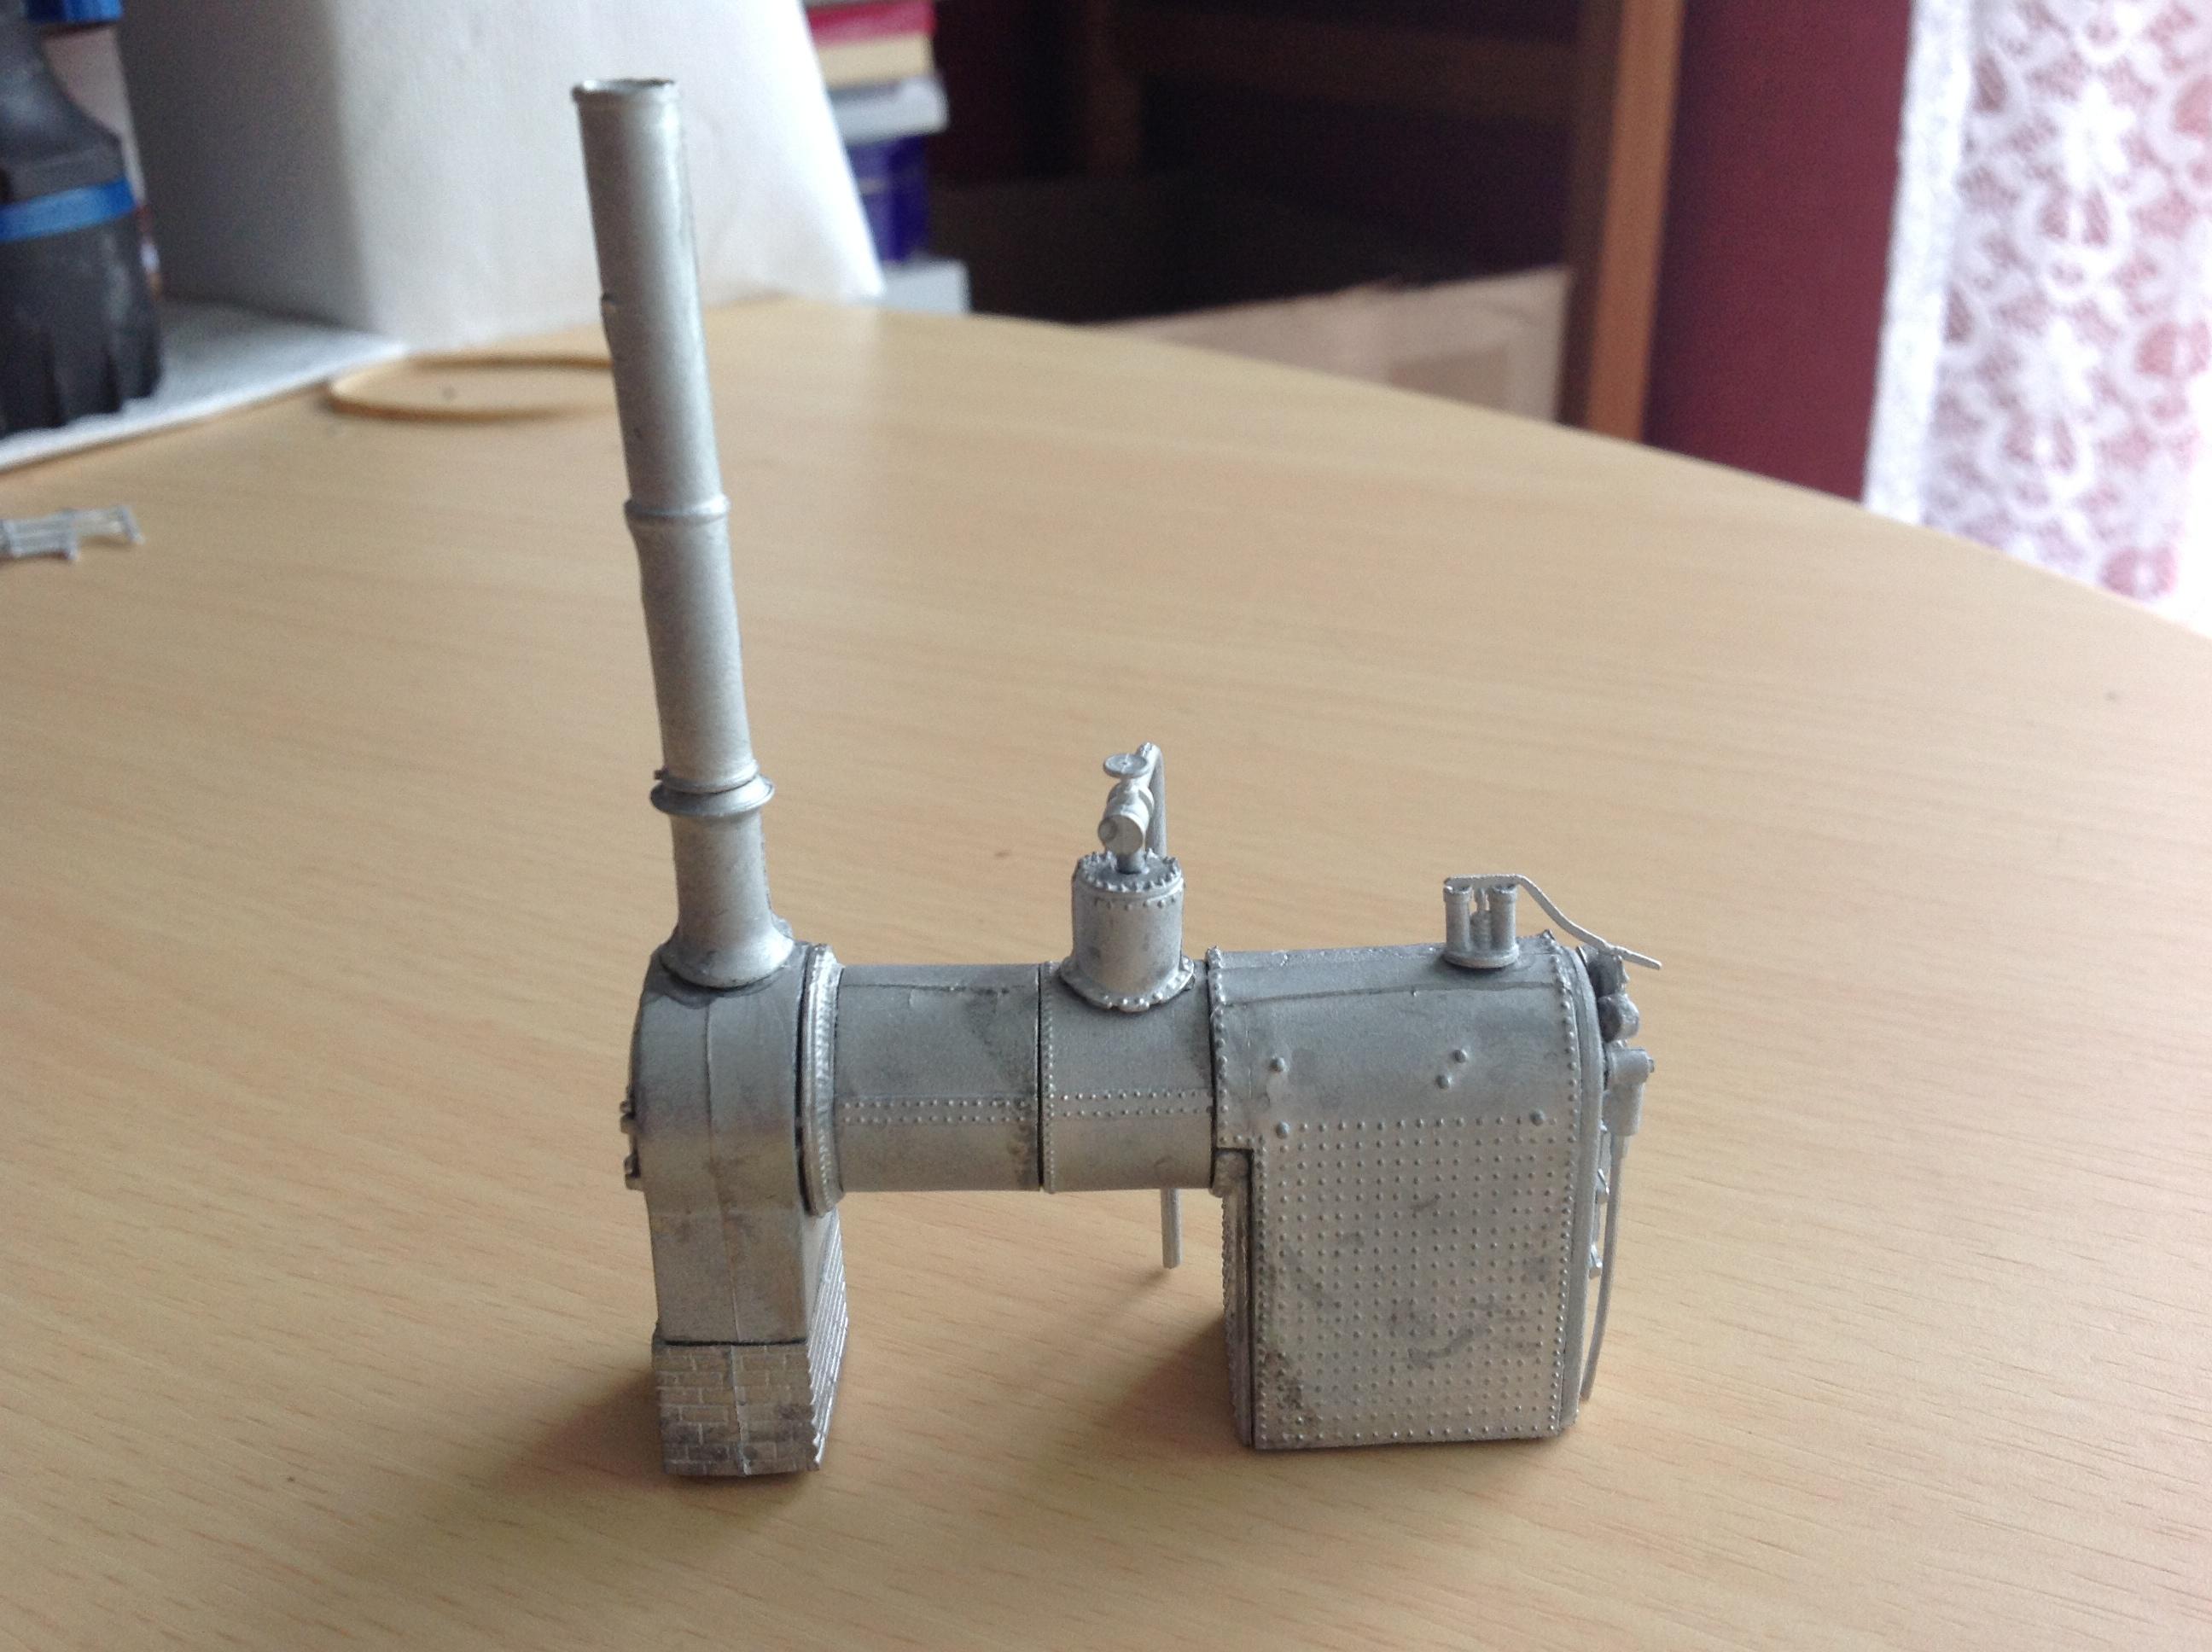 4517 Stationary Boiler